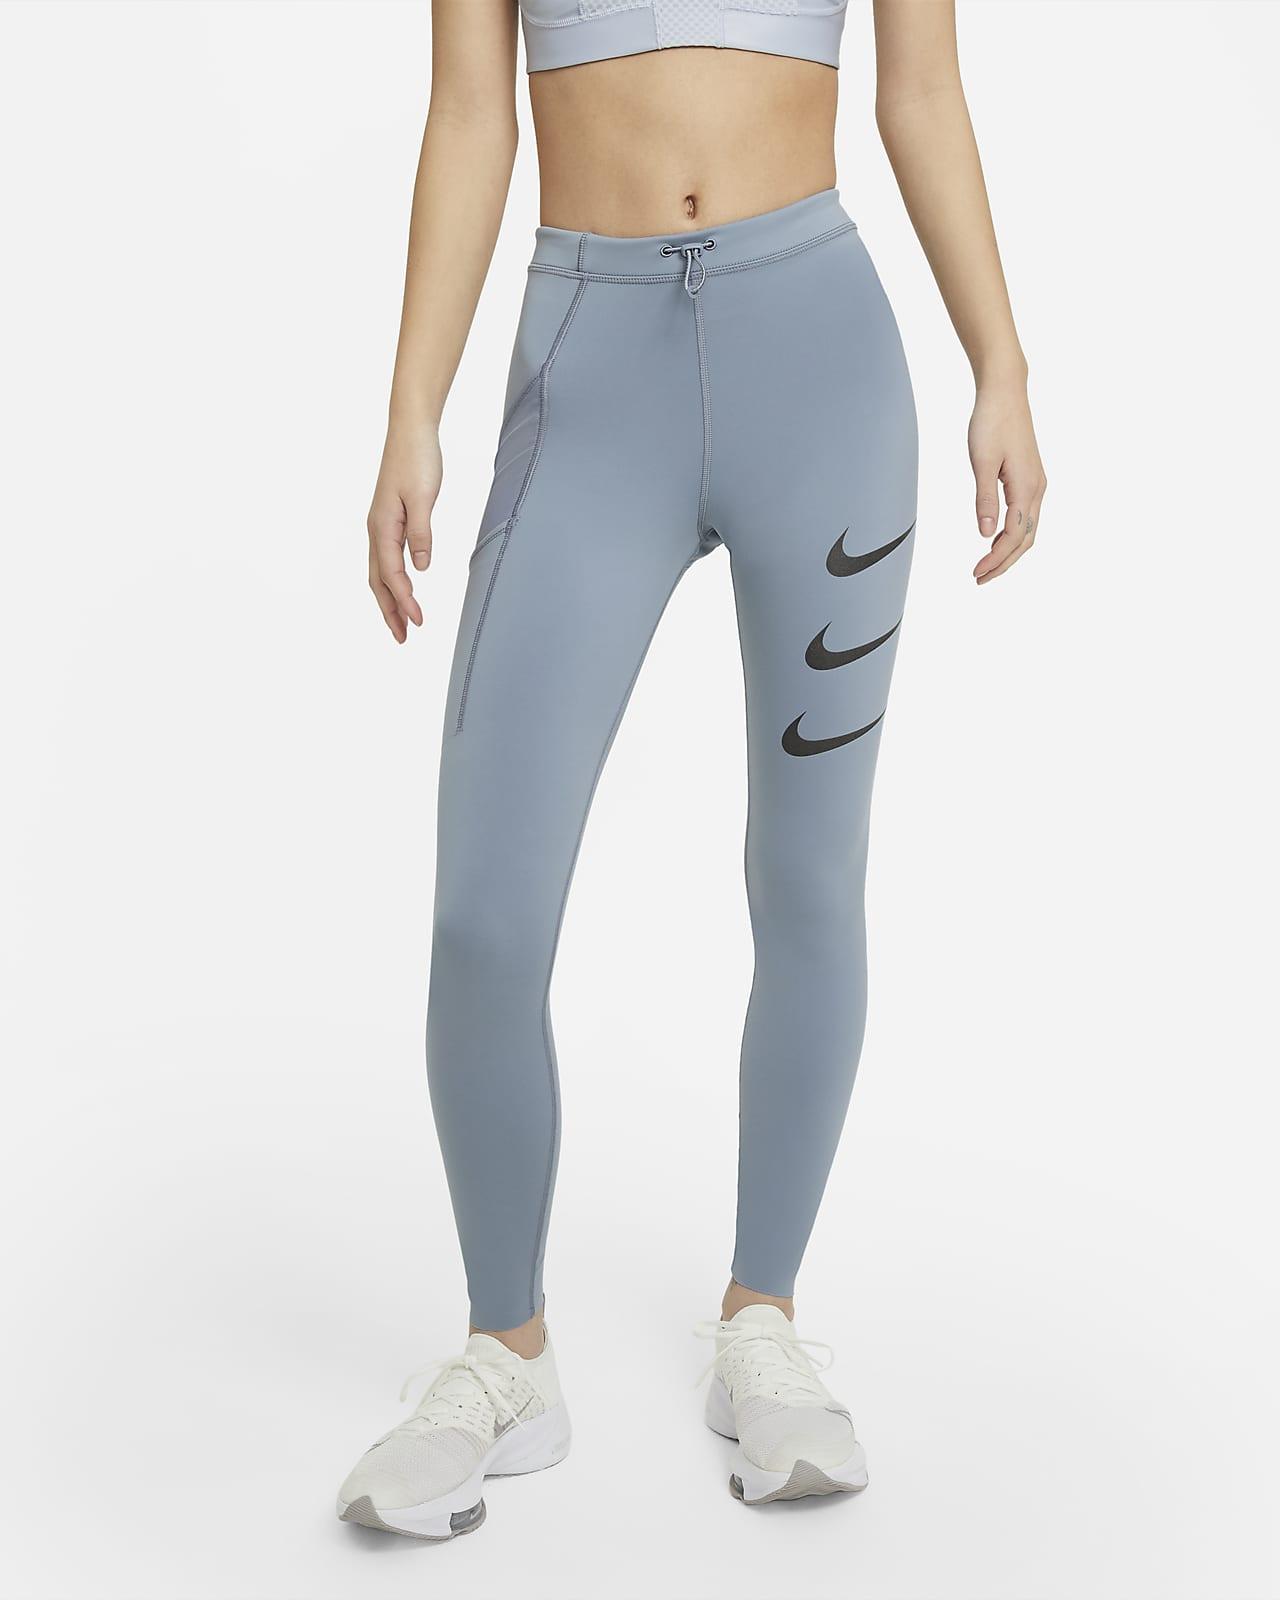 เลกกิ้งวิ่งเอวปานกลางผู้หญิง Nike Epic Luxe Run Division